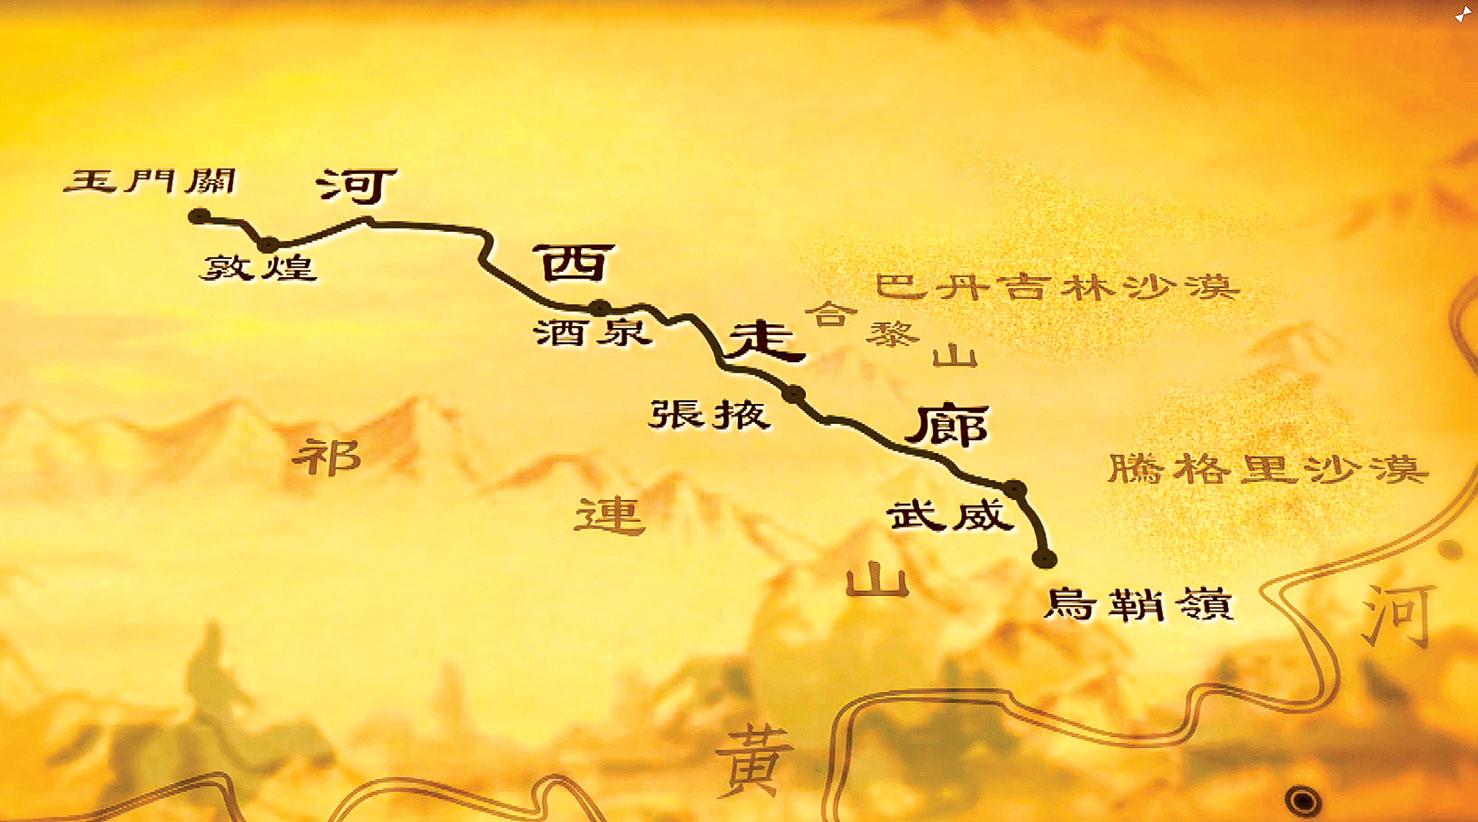 「河西之戰」打通了河西走廊,解除了匈奴對河西的威脅,從而給大漢開闢「絲綢之路」奠定了基礎。(圖/新唐人電視台)